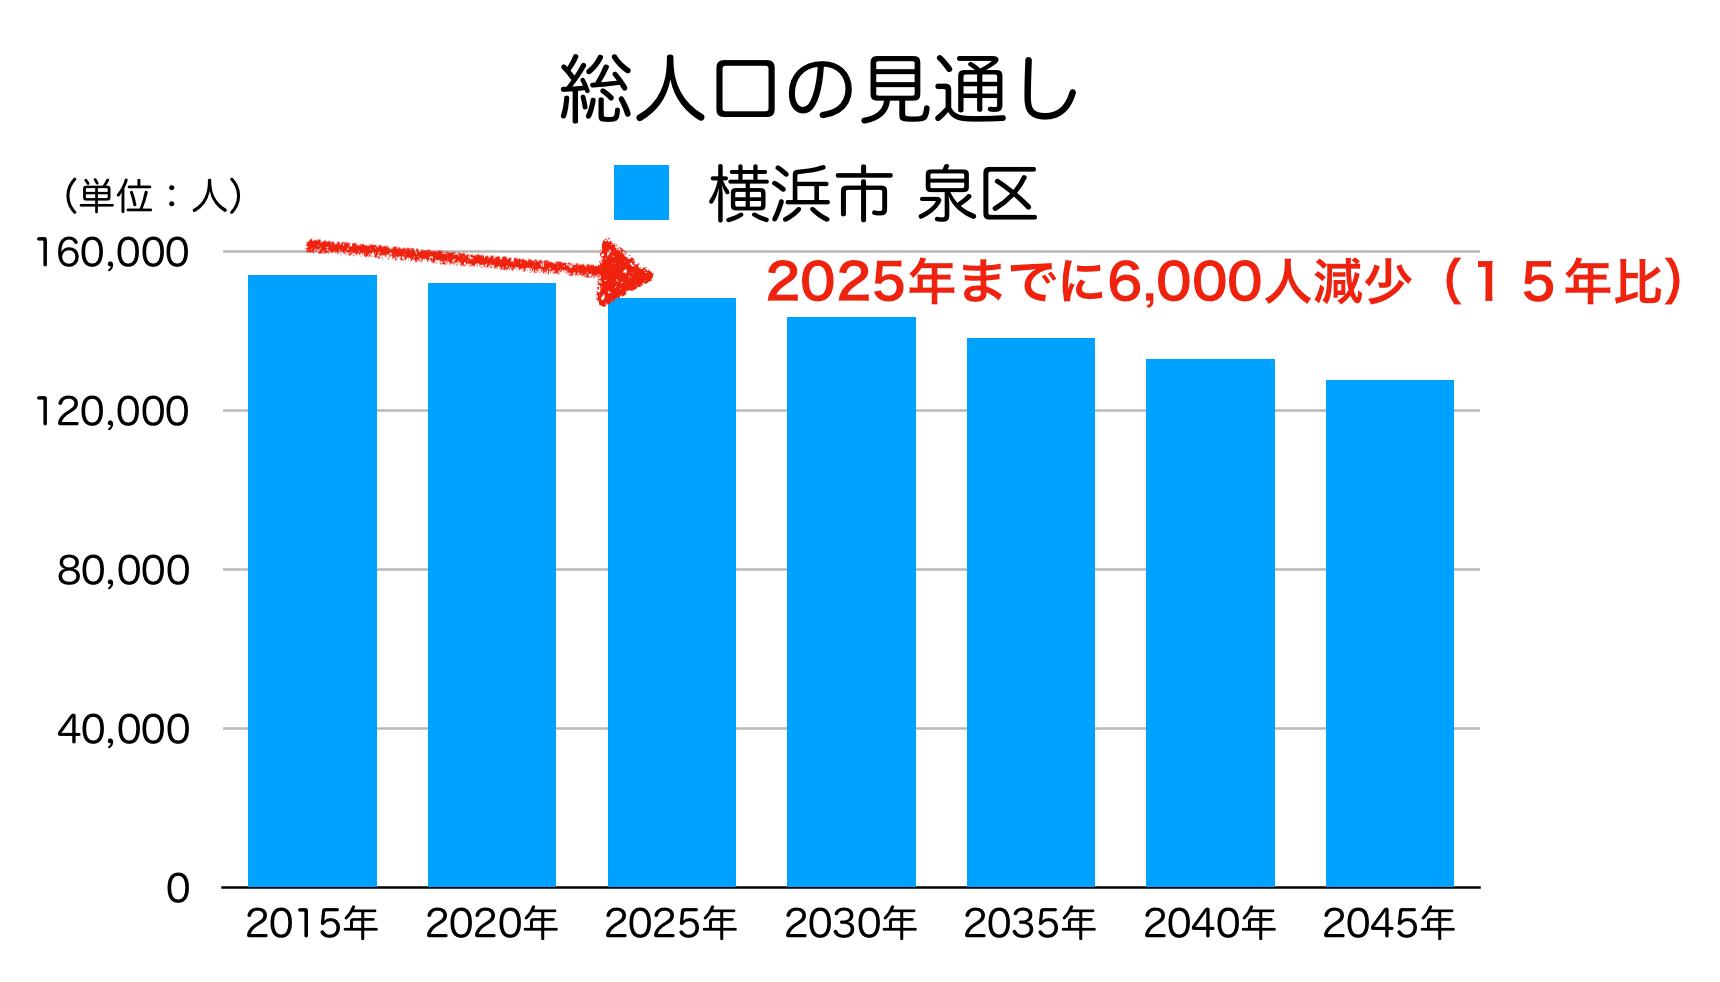 横浜市泉区の人口予測